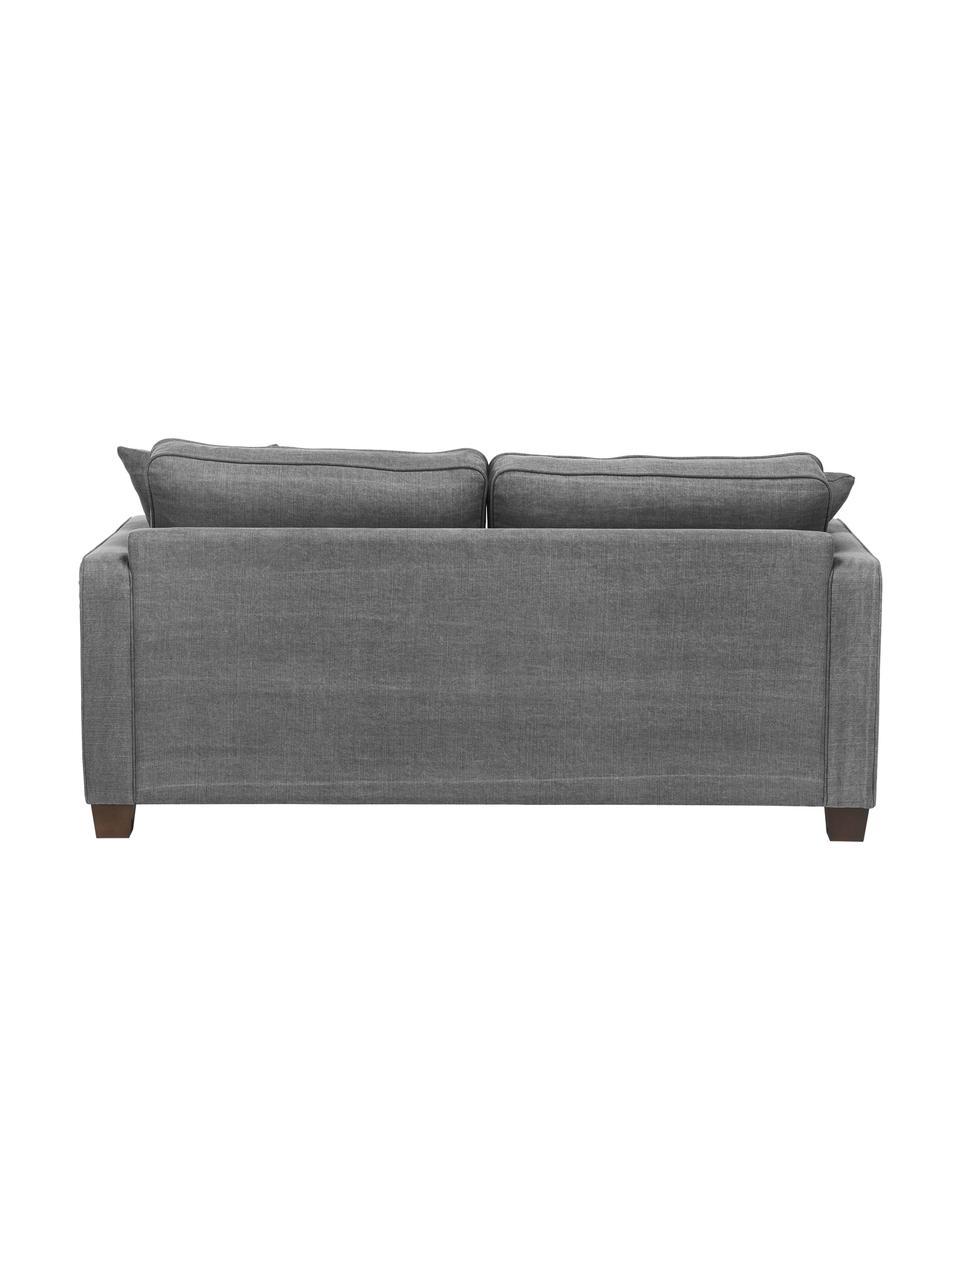 Bank Warren (2-zits) in grijs met een mix van linnen stof, Frame: hout, Bekleding: 60% katoen, 40% linnen, Poten: zwart hout, Geweven stof grijs, 178 x 85 cm